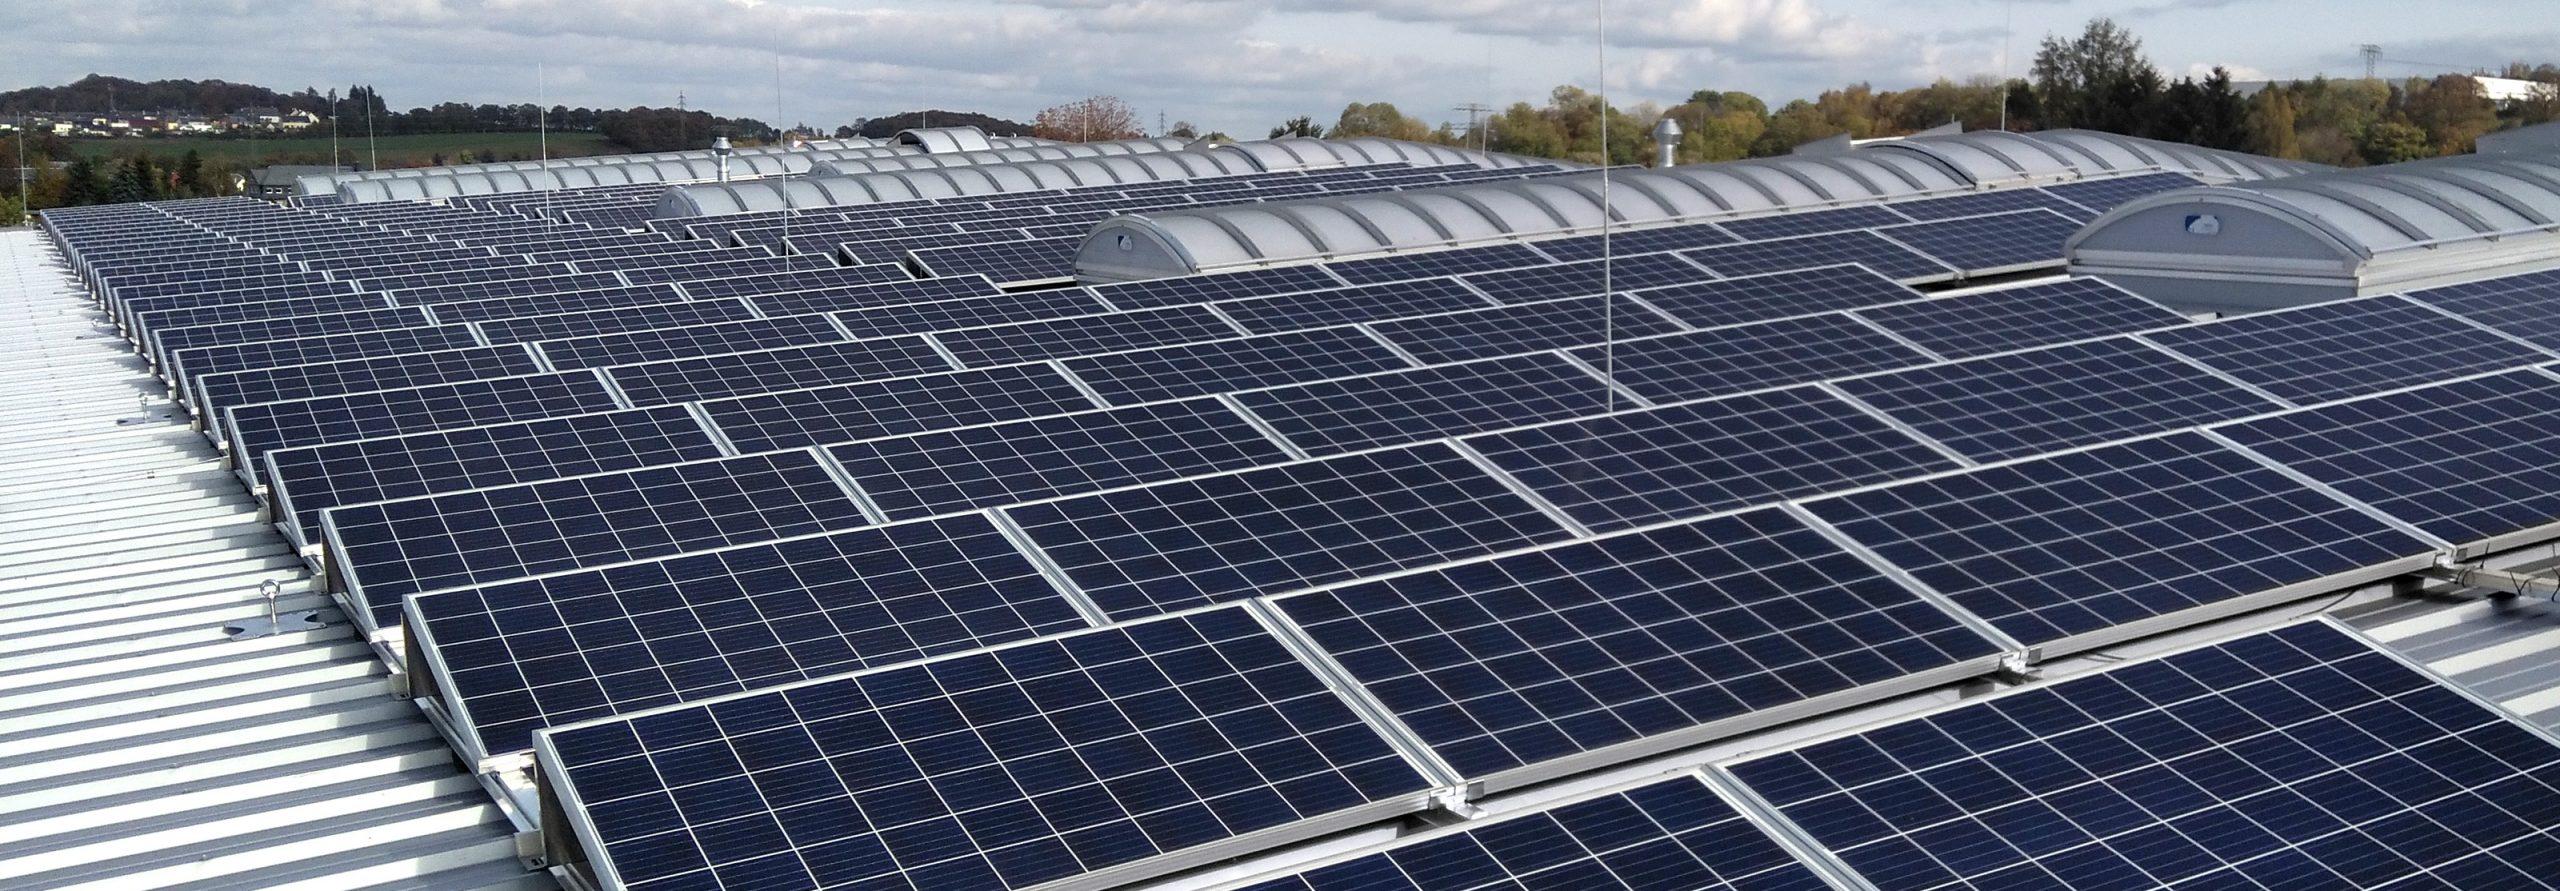 Solarenergie – Großprojekte für Unternehmen